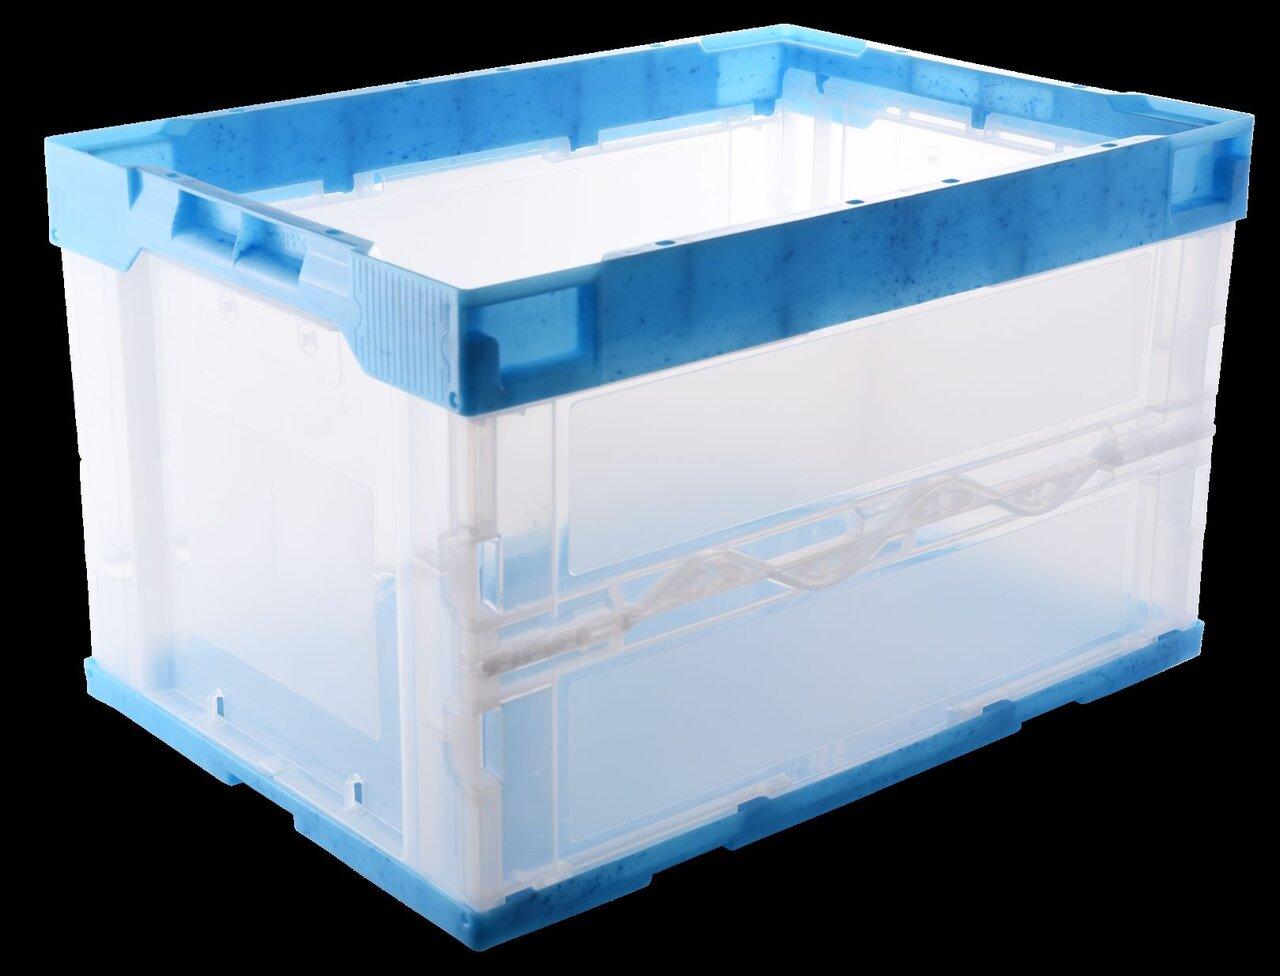 新しい回収BOXについて